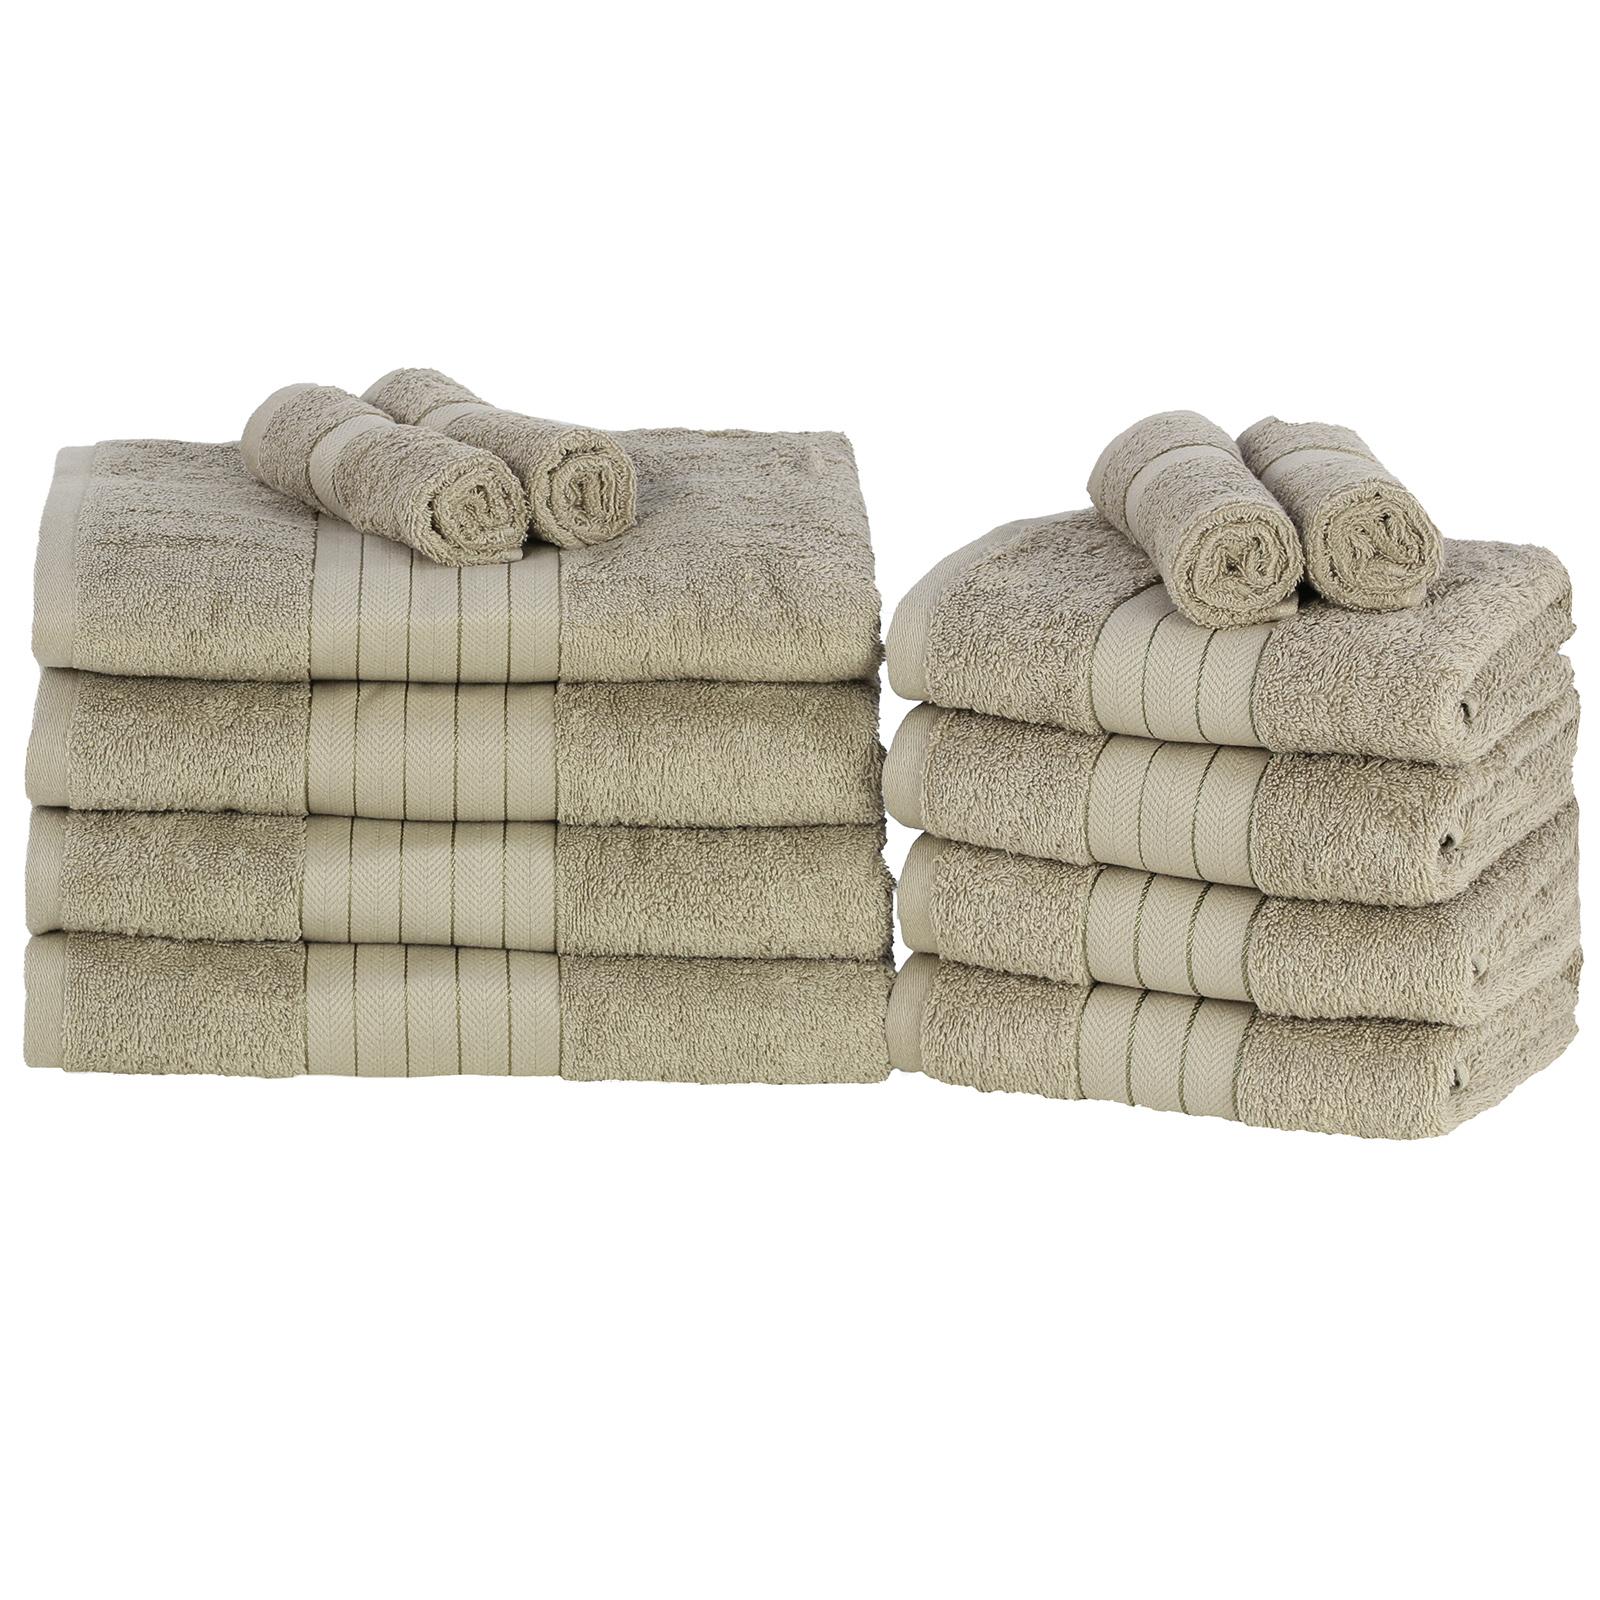 luxus handt cher ballen set 100 gyptische baumwolle weich bade hand 500 gsm ebay. Black Bedroom Furniture Sets. Home Design Ideas